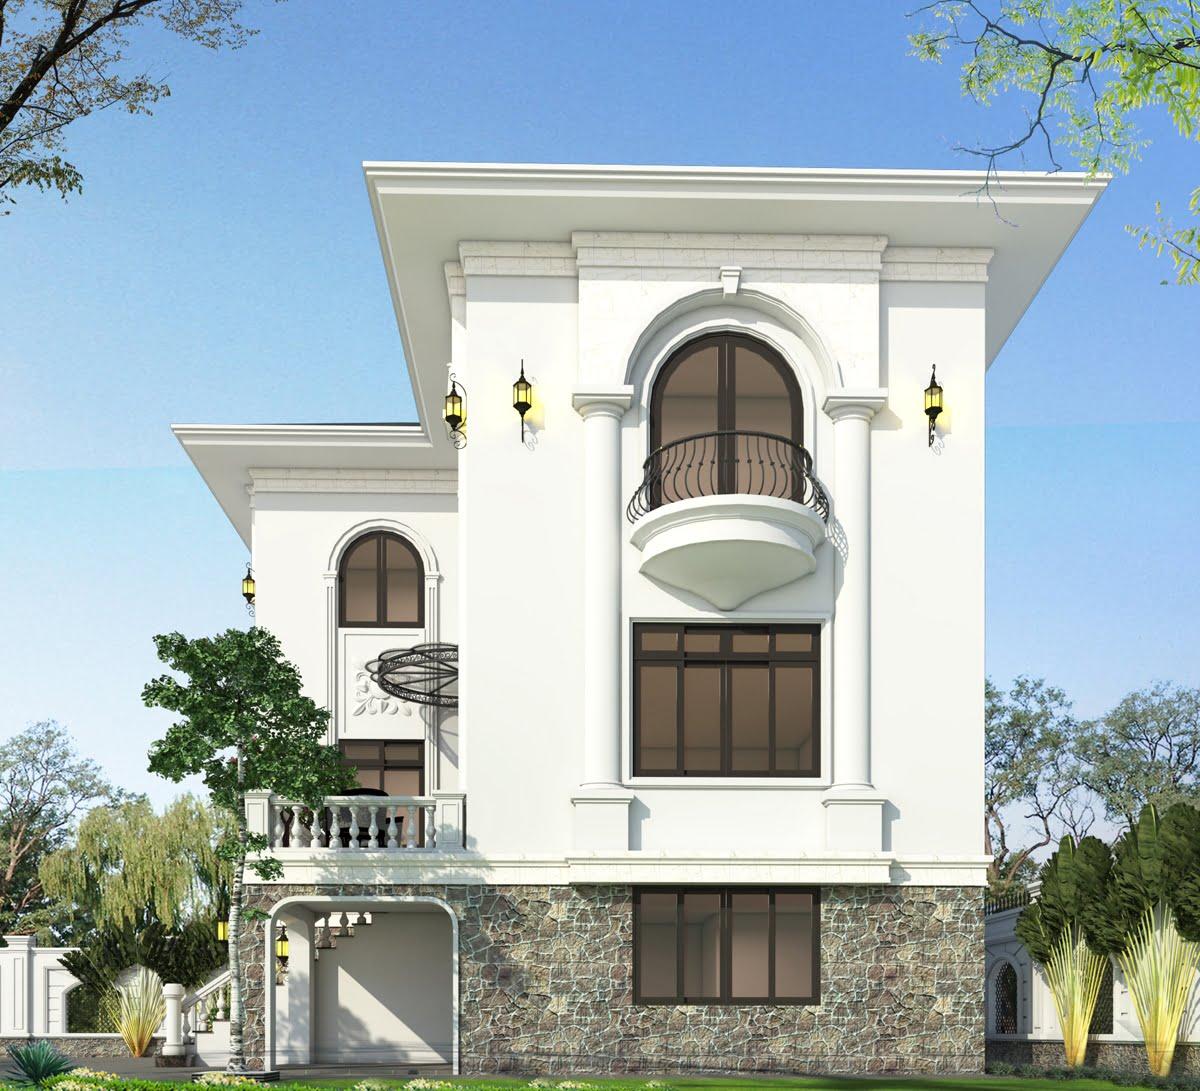 biệt thự 3 tầng 9x12 phong cách tân cổ điển 3